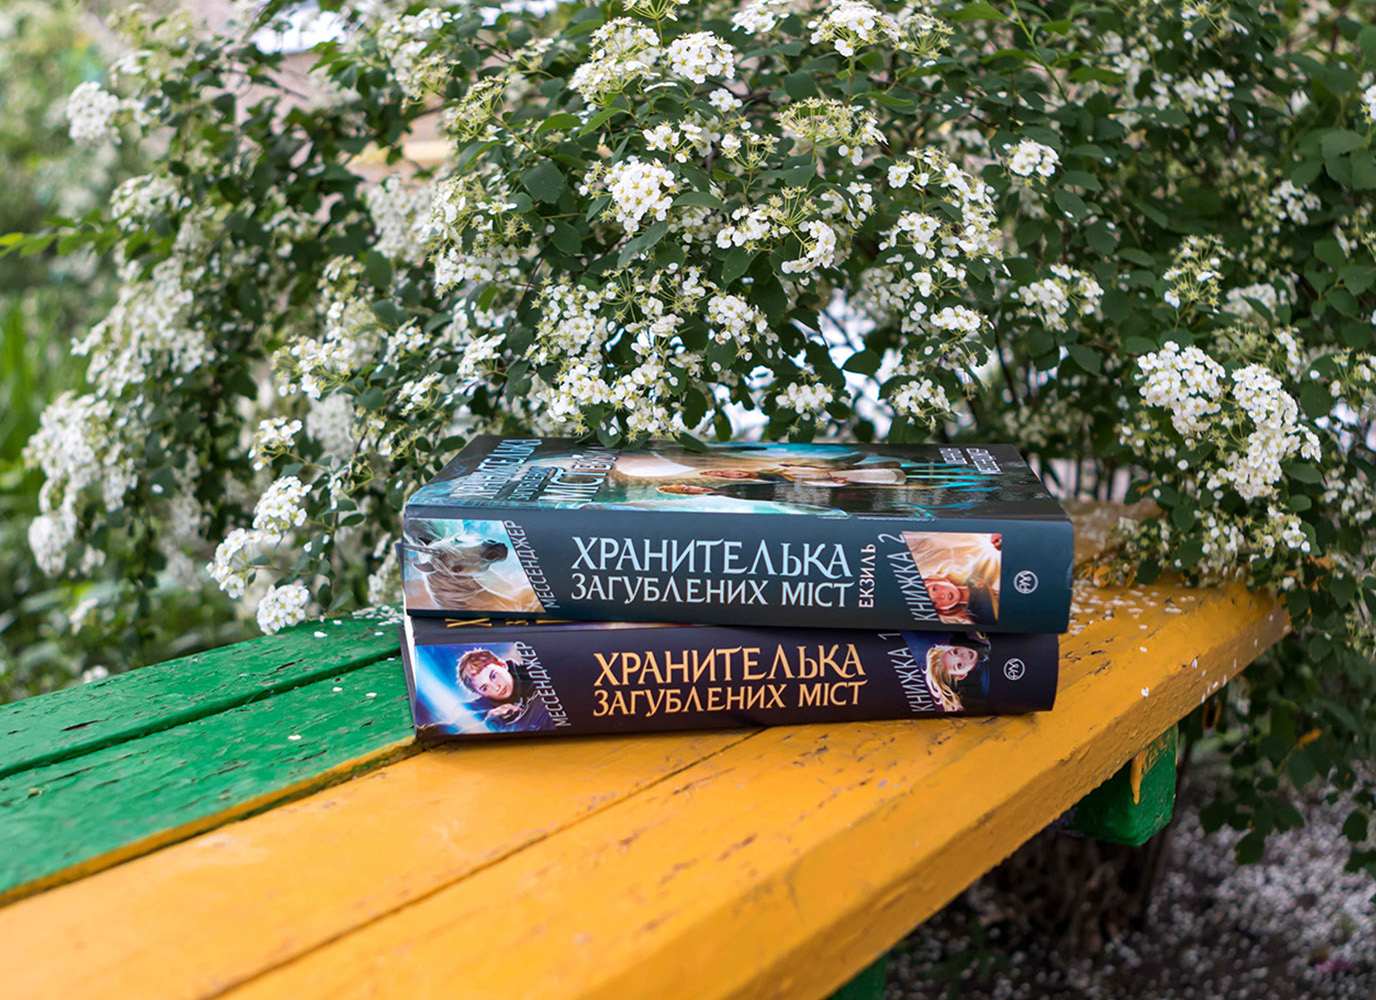 Шеннон Мессенджер анонсувала вихід дев'ятої книжки серії «Хранителька загублених міст»